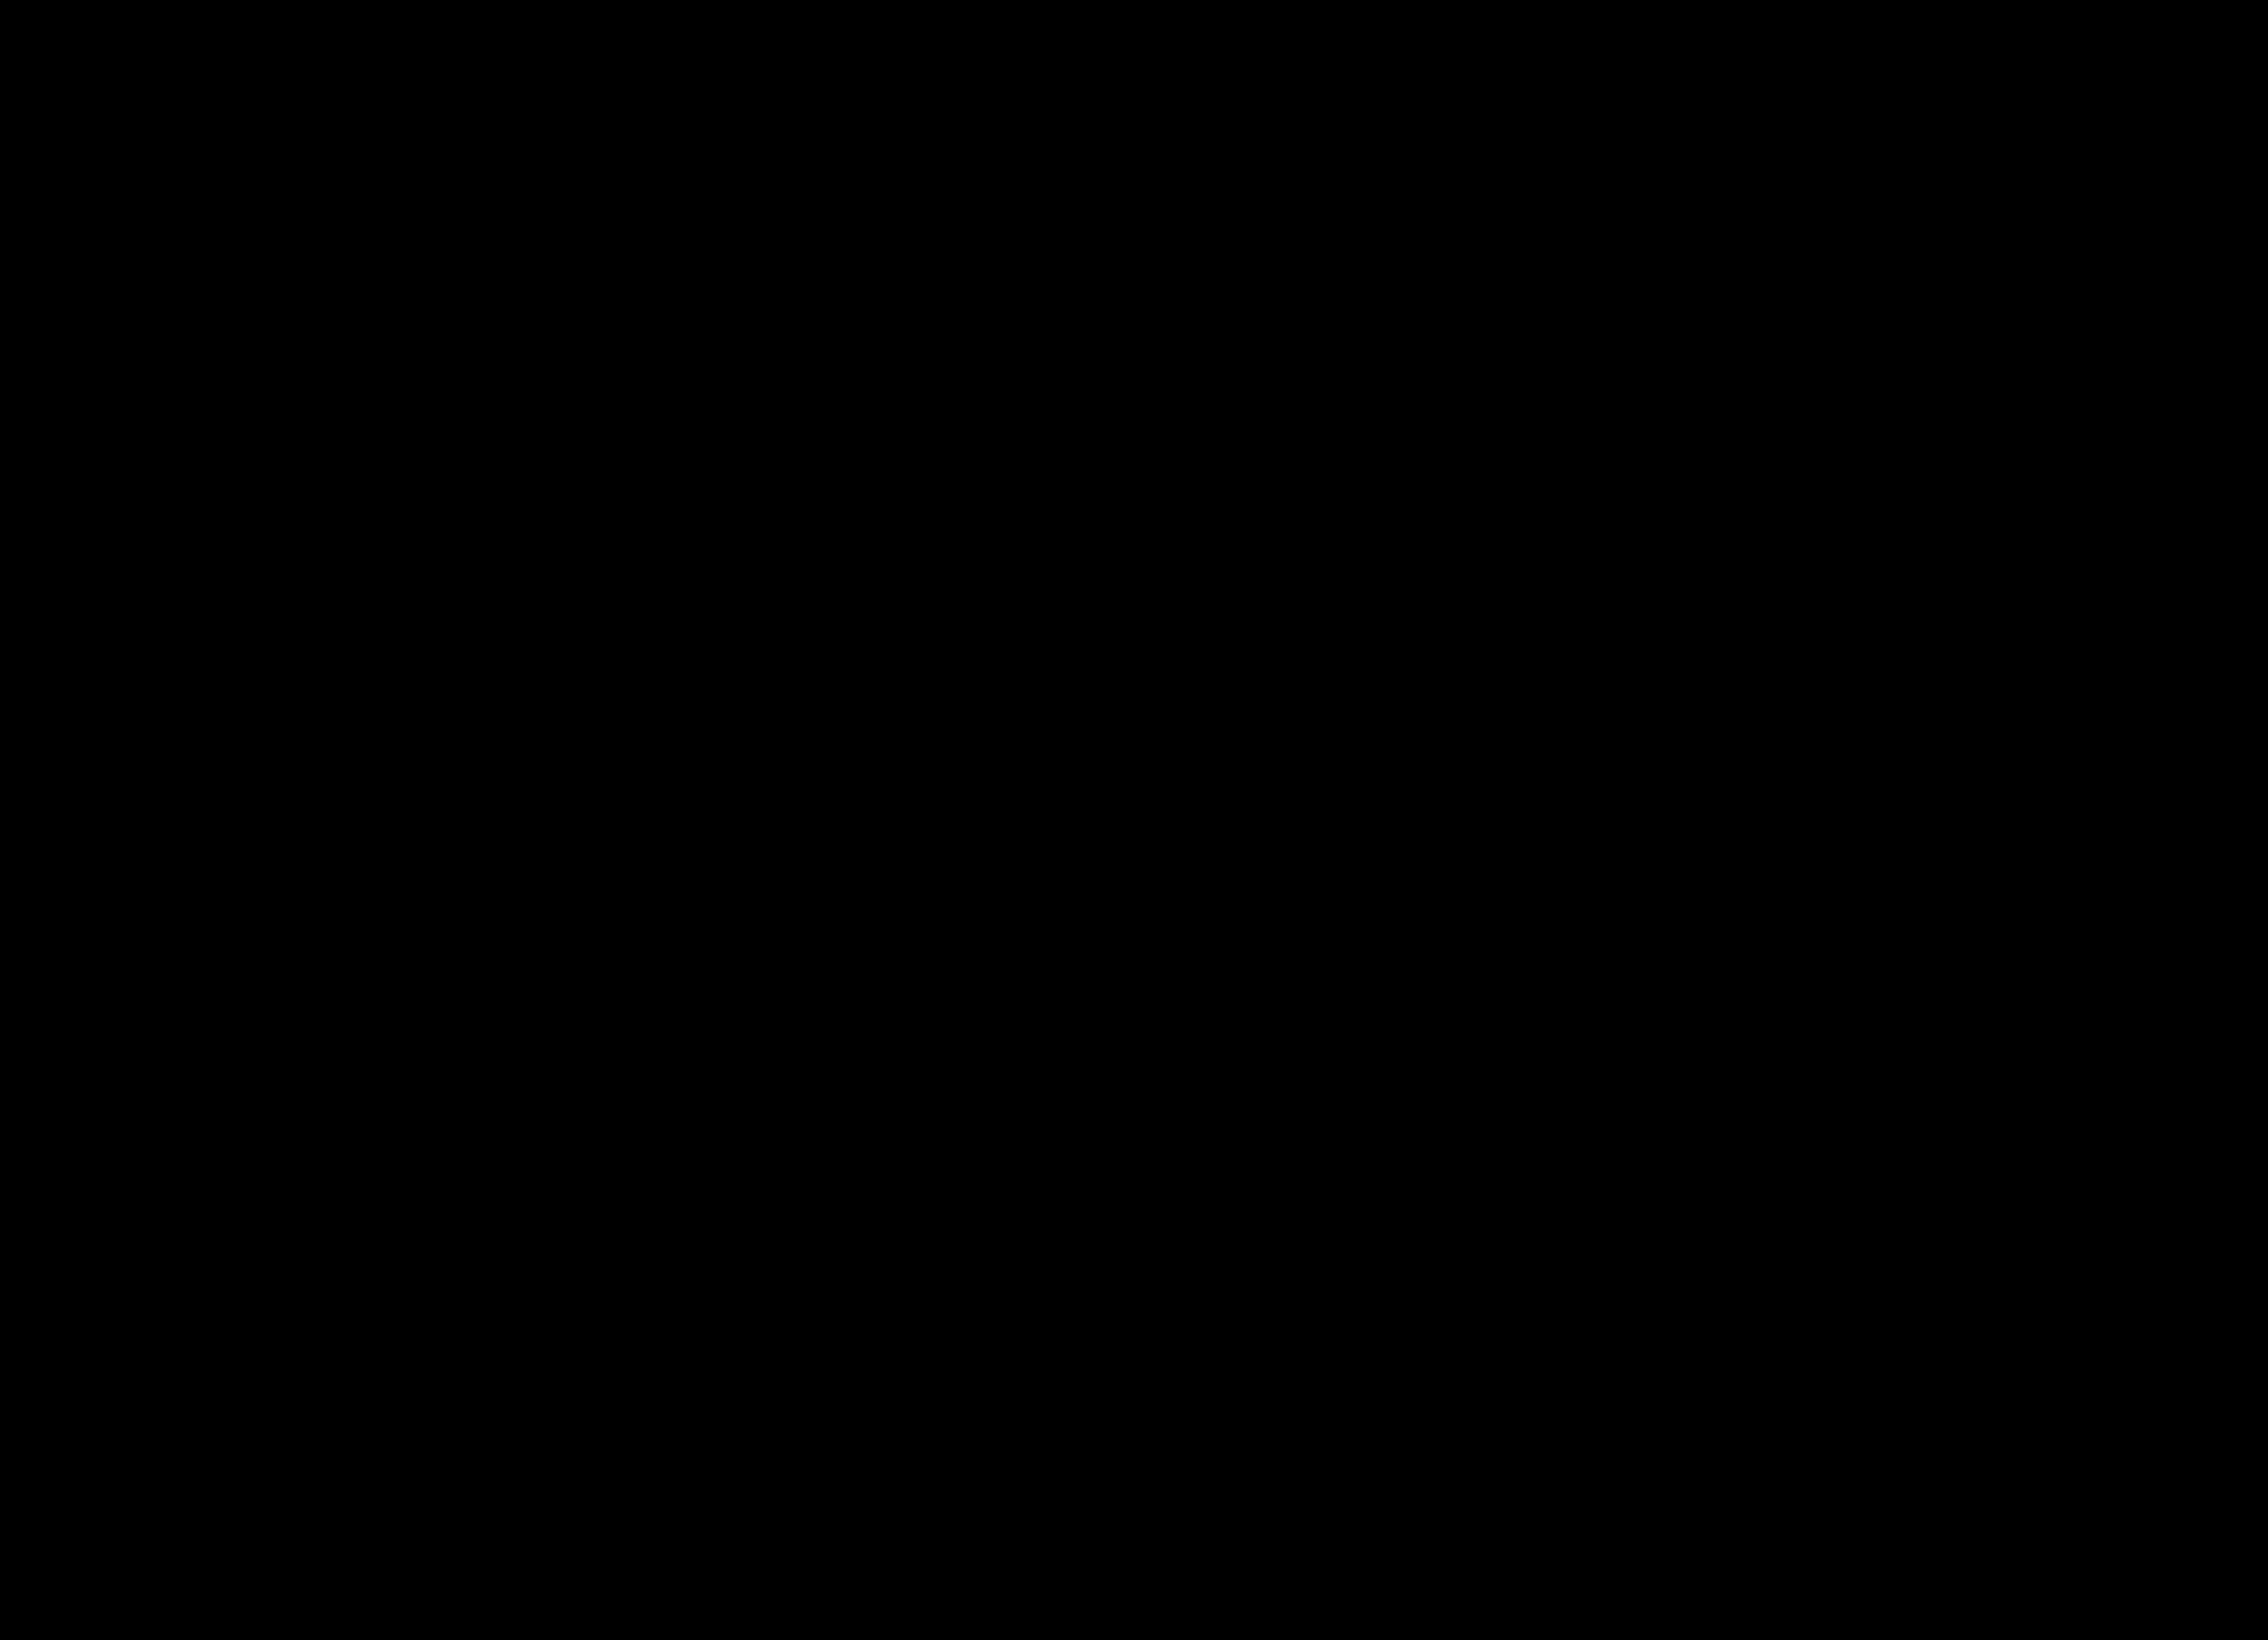 Jaffa Jaffa Wikipedia